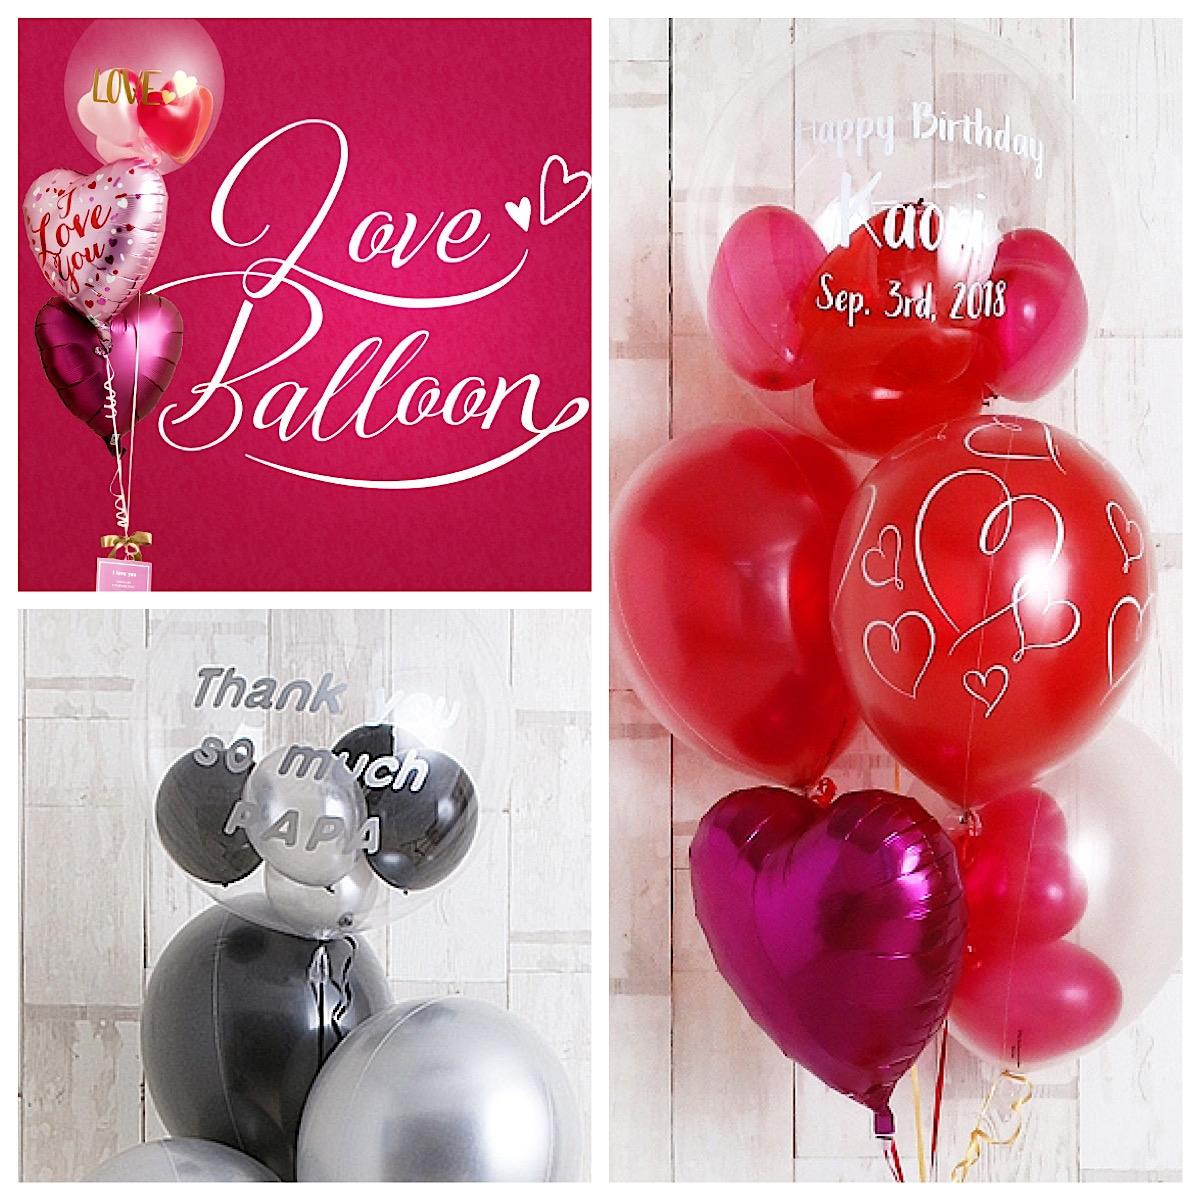 バレンタインのおすすめバルーンギフト【価格やイメージで選べる贈り物】